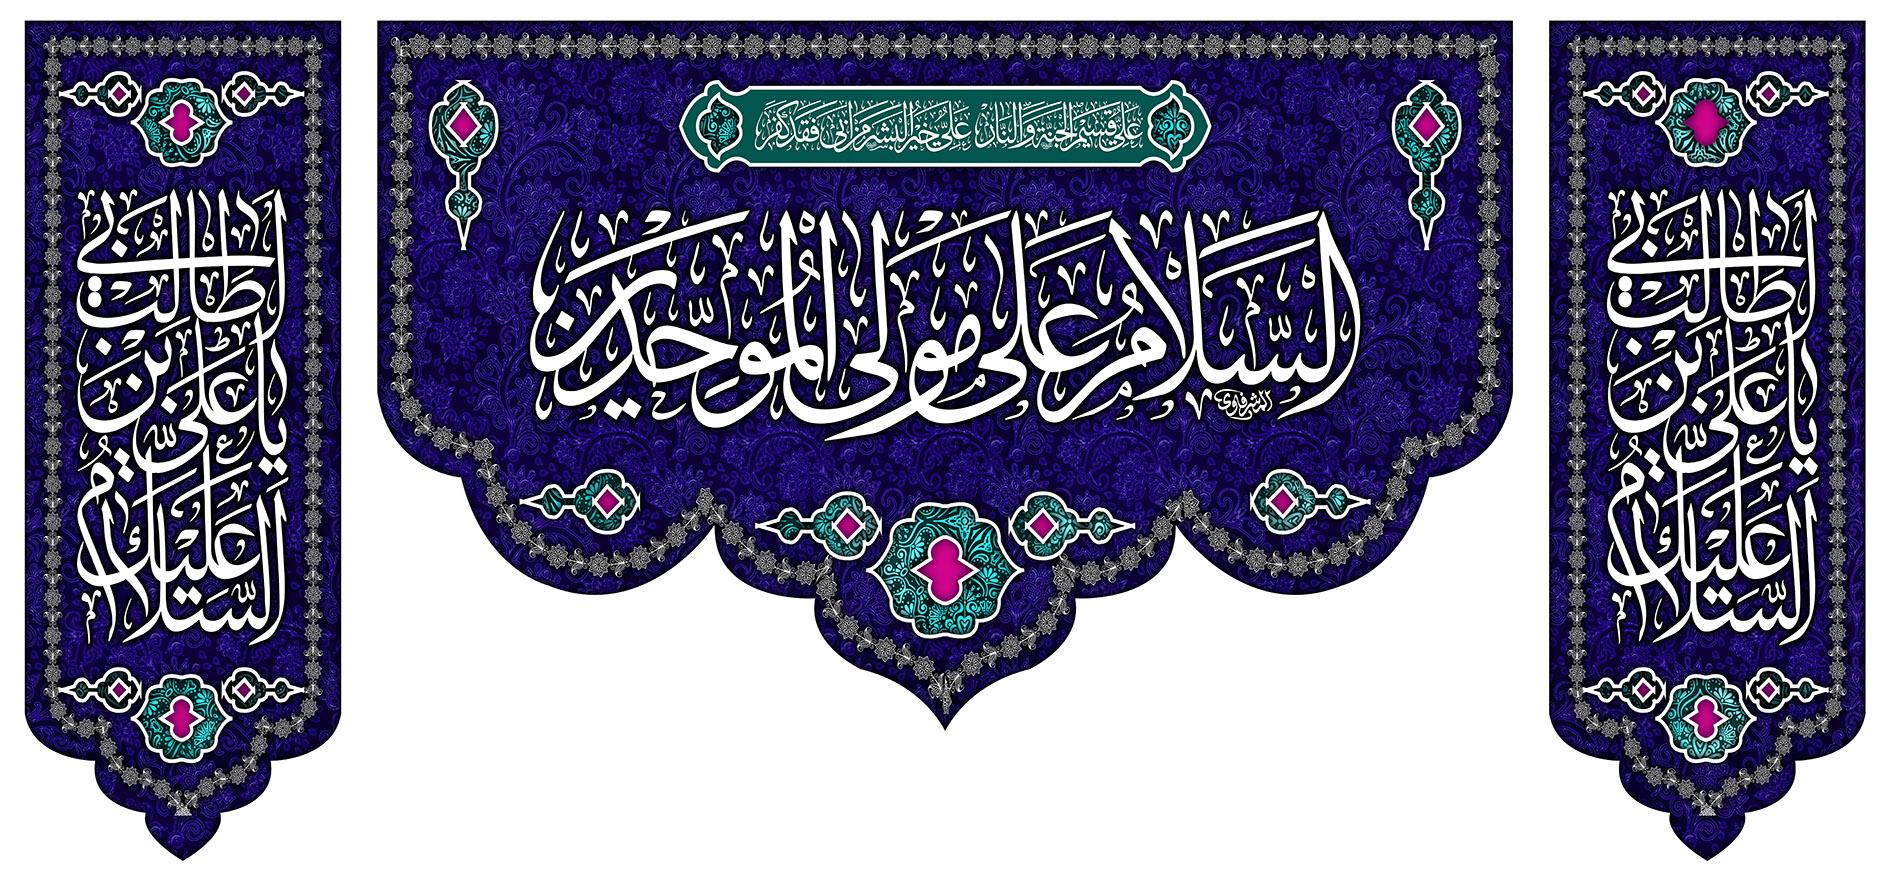 تصویر از پرچم امام علی ع مدل 01548